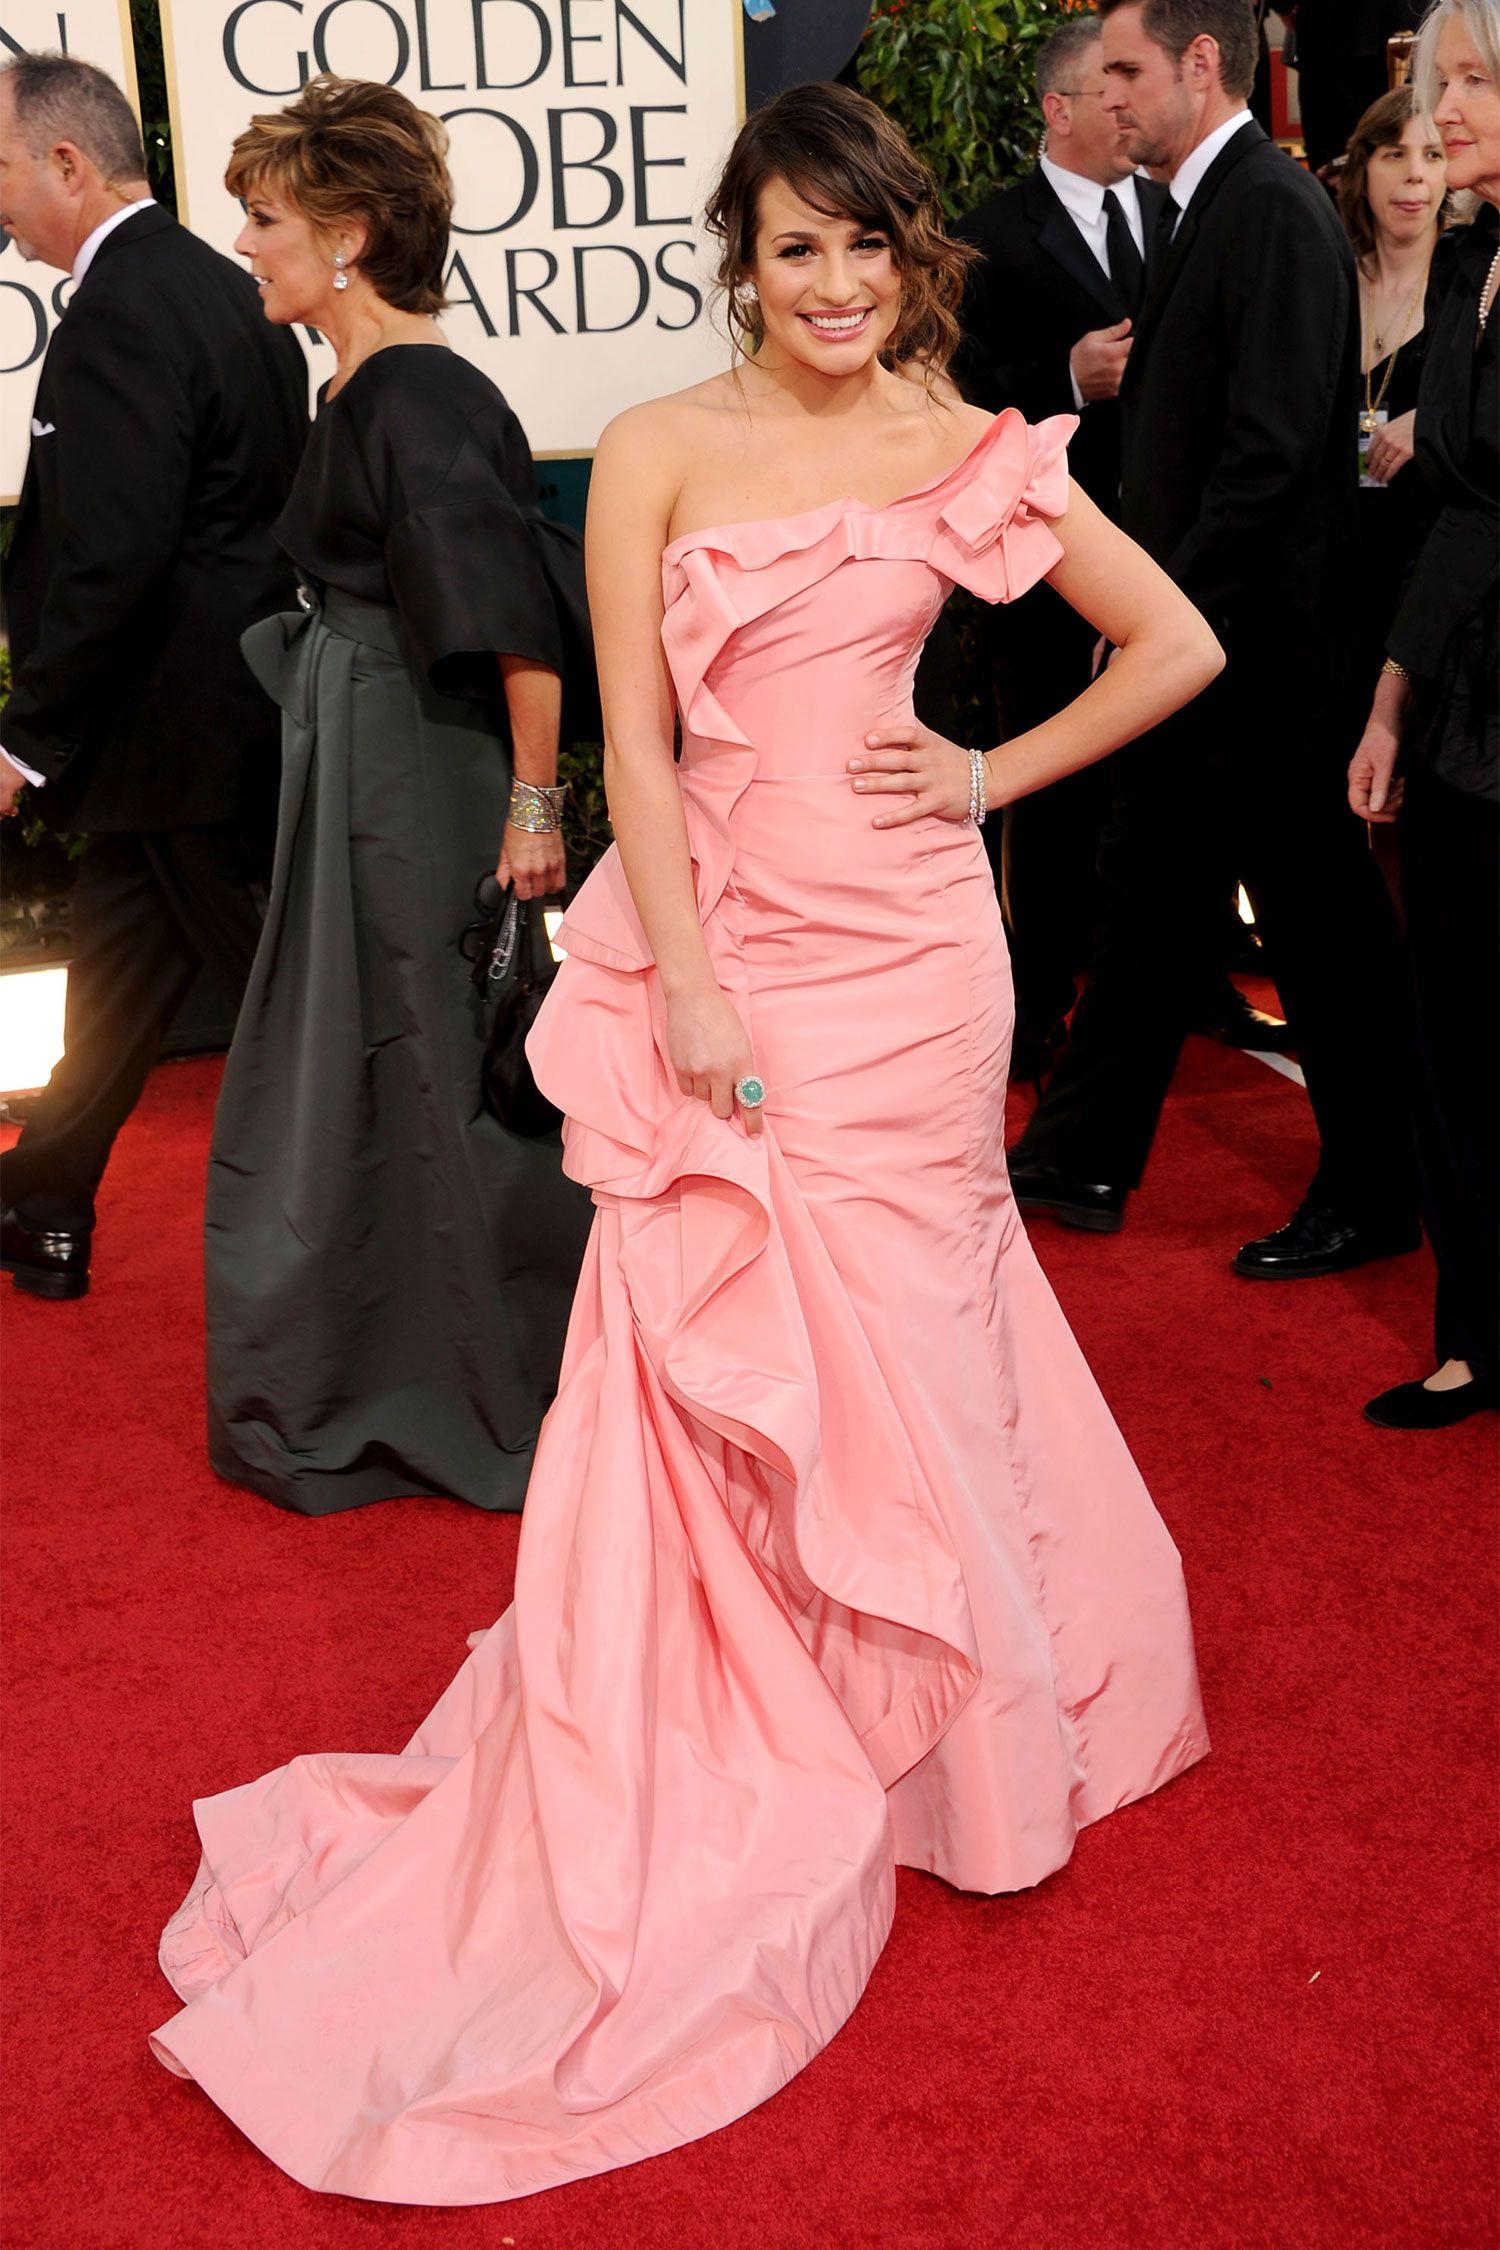 Oscar De La Renta Dresses Celebrities